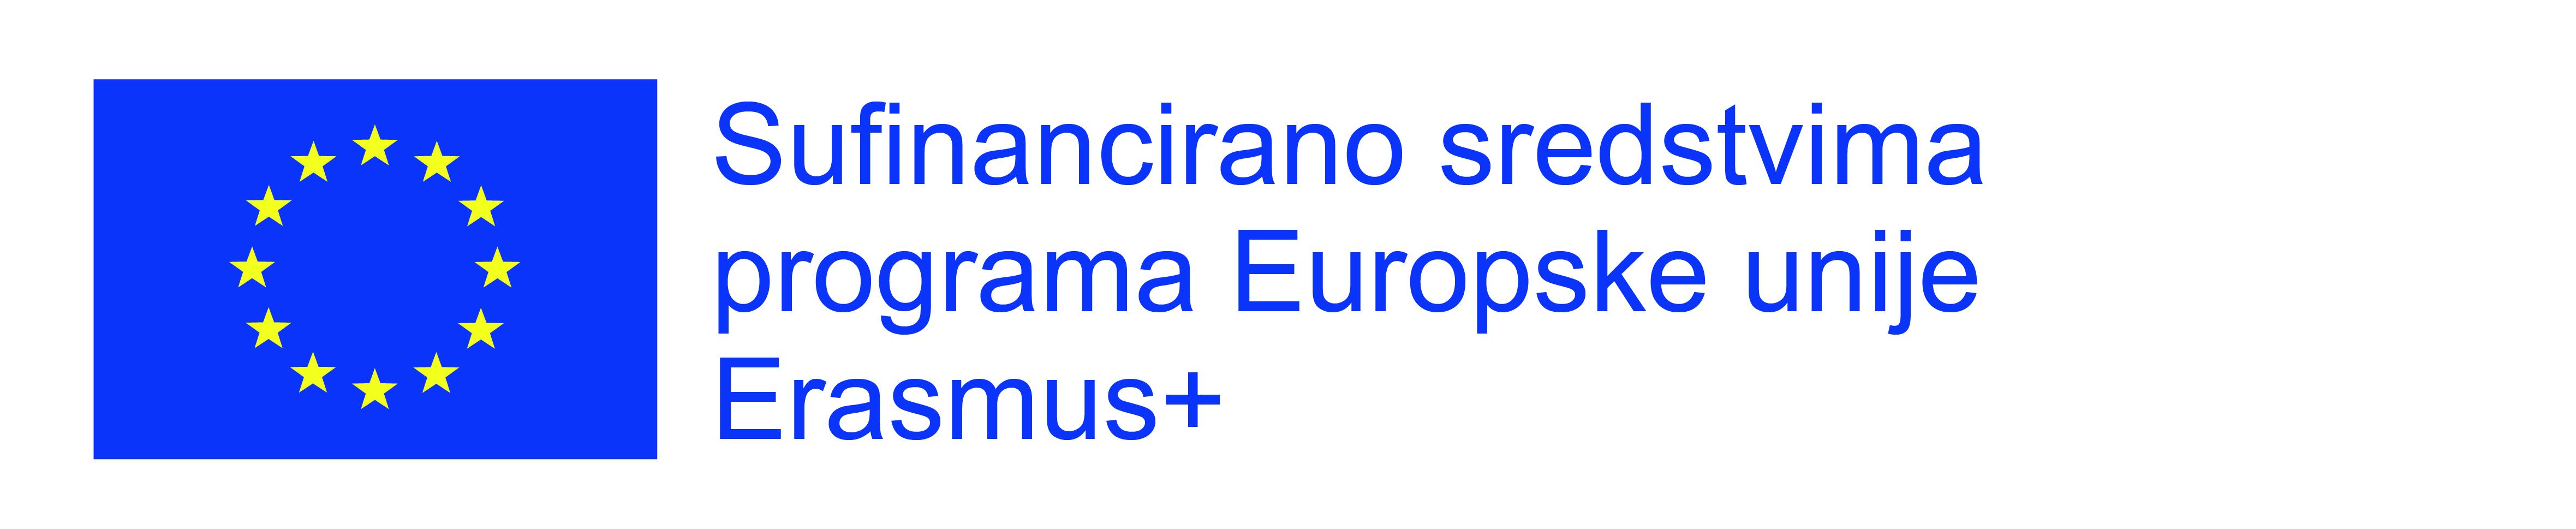 Sufinancirano sredstvima programa Europske unije Erasmus+ (tekst lijevo)